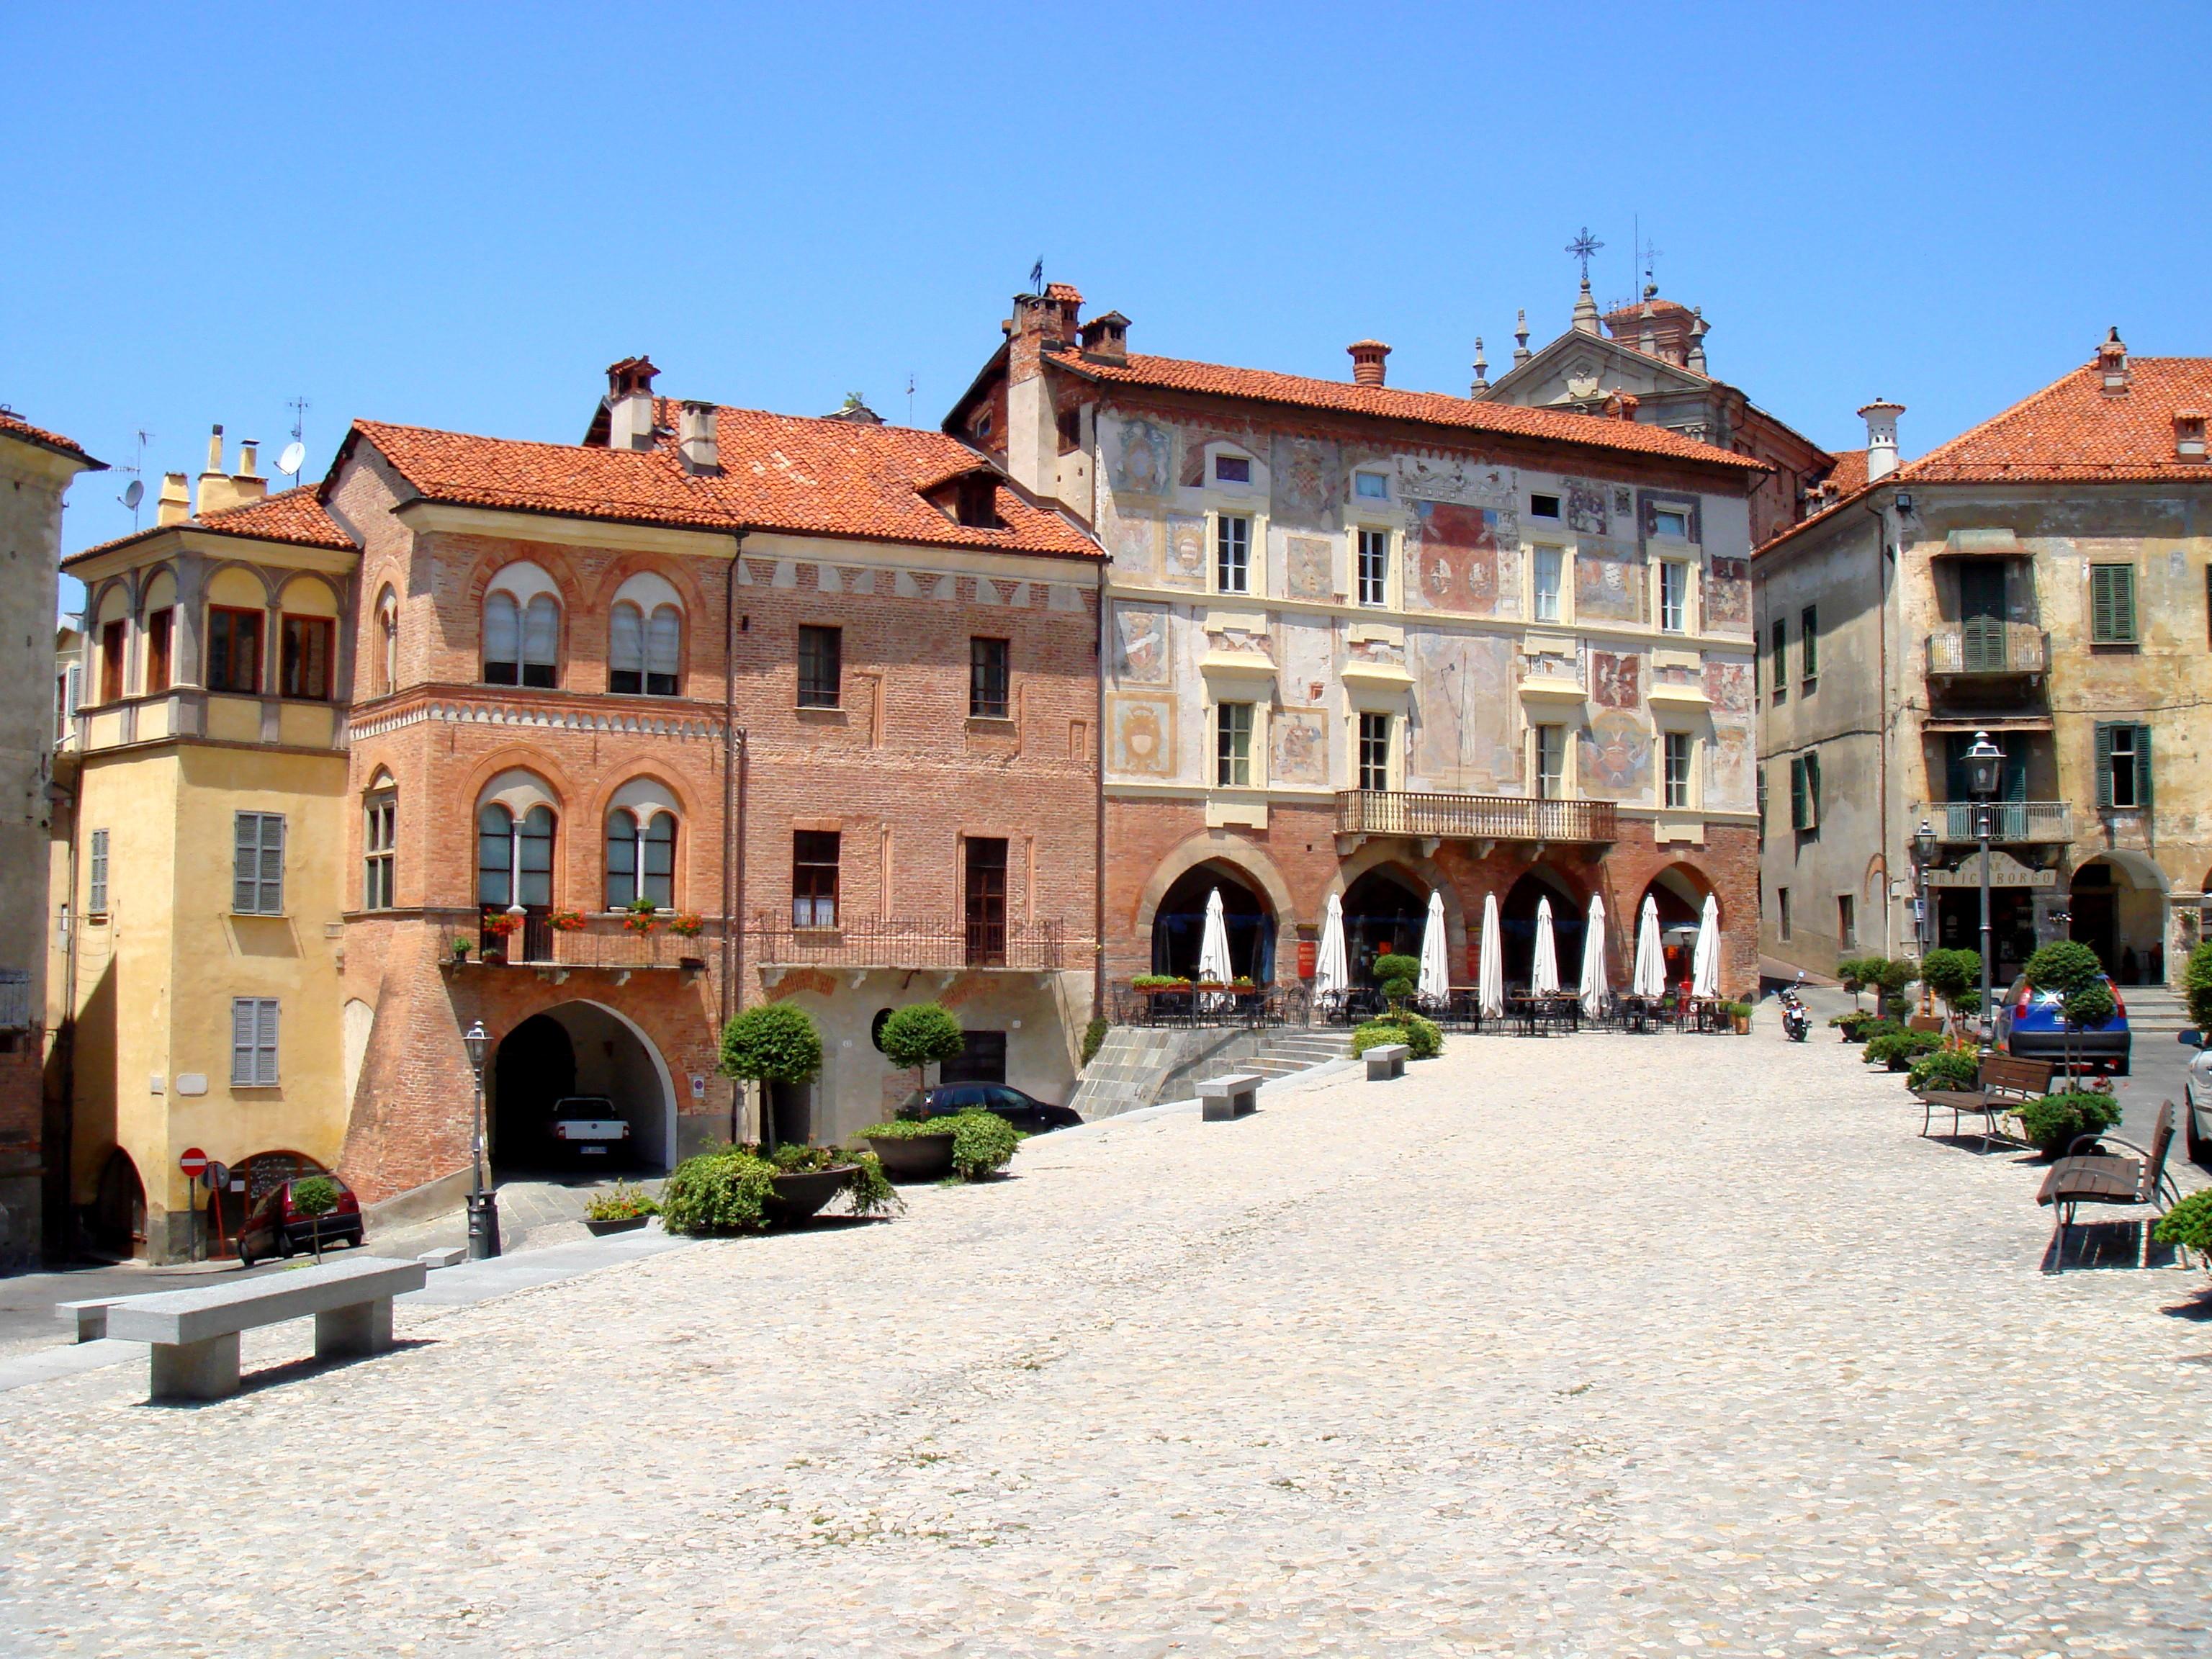 File:Mondovi Piazza -...